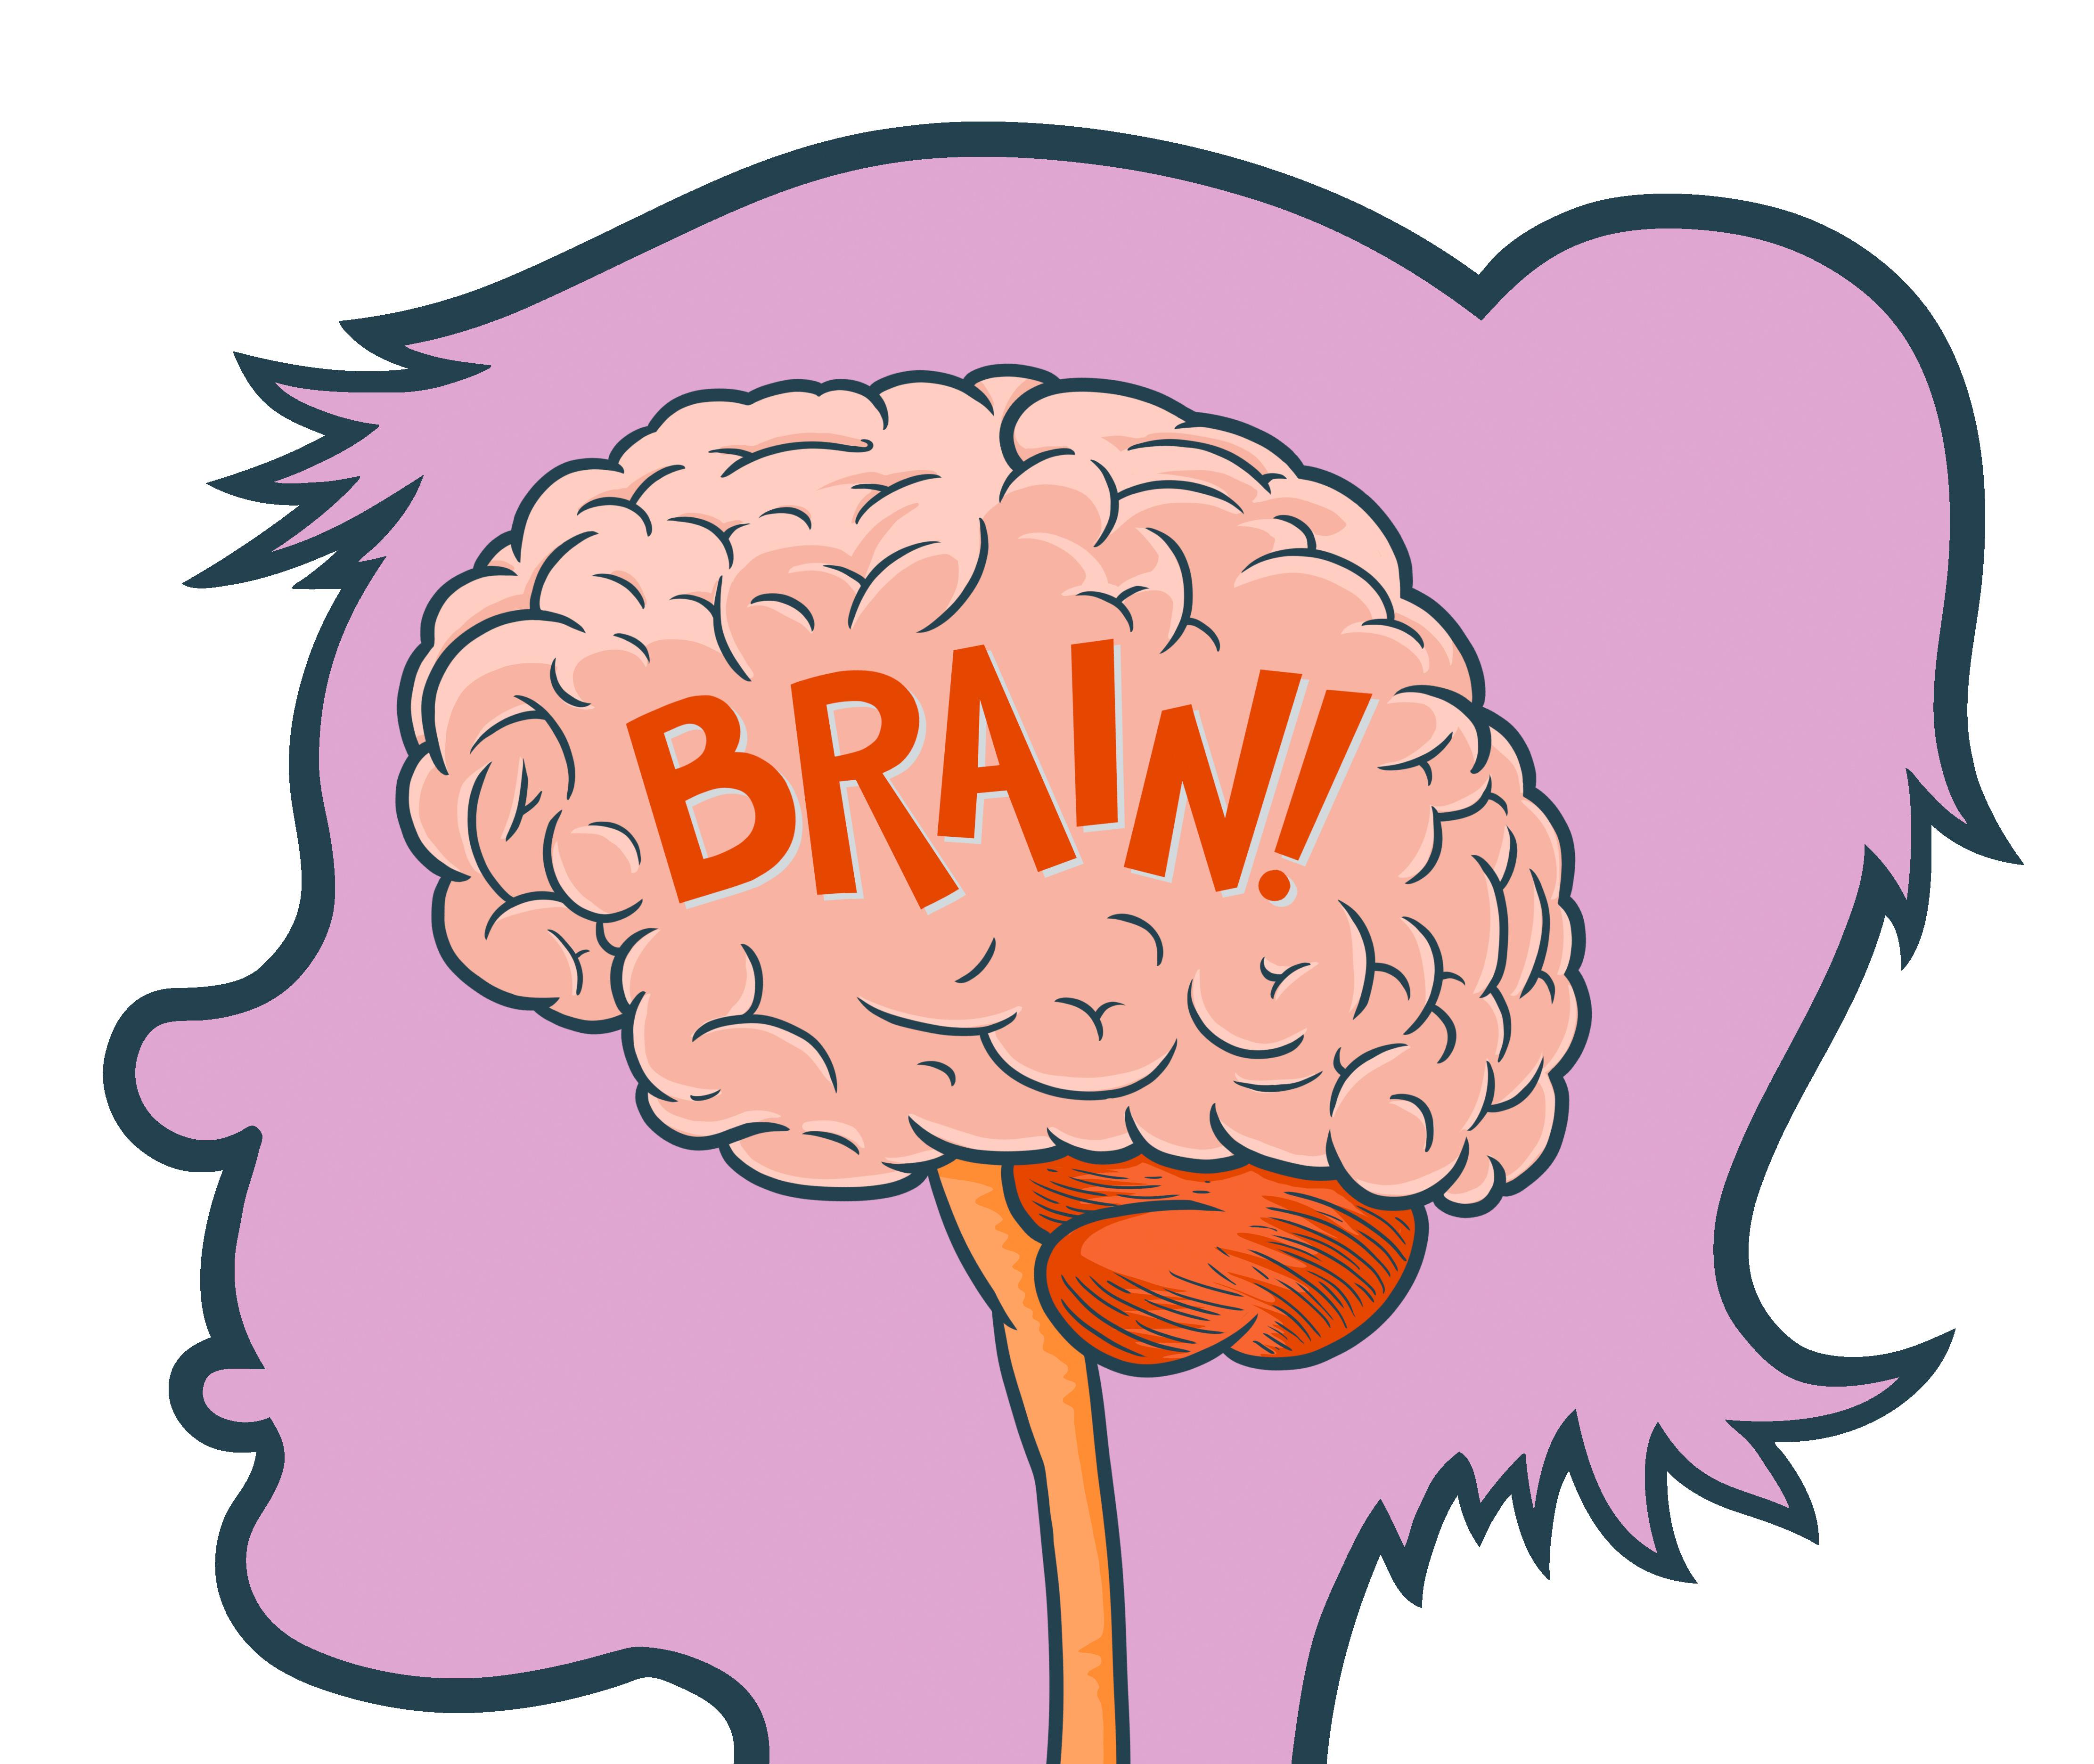 Прикольный рисунок мозга, ужастиков надписями где